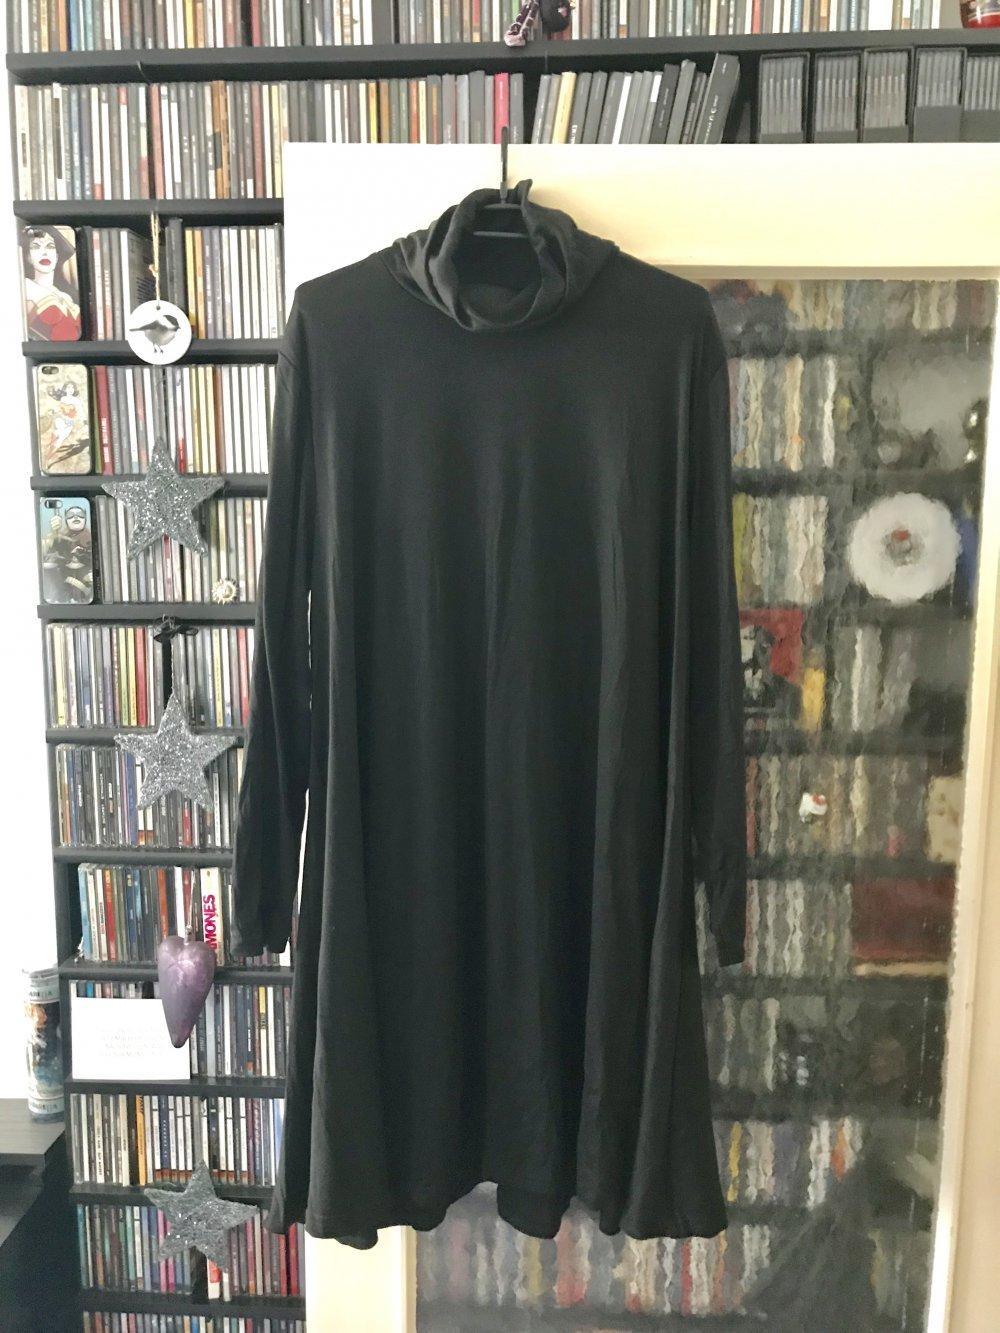 Kleid in A-Linie schwarz mit Rollkragen (nicht anliegend) von Floryday -  weicher Stoff - Grösse 18XL - ungetragen